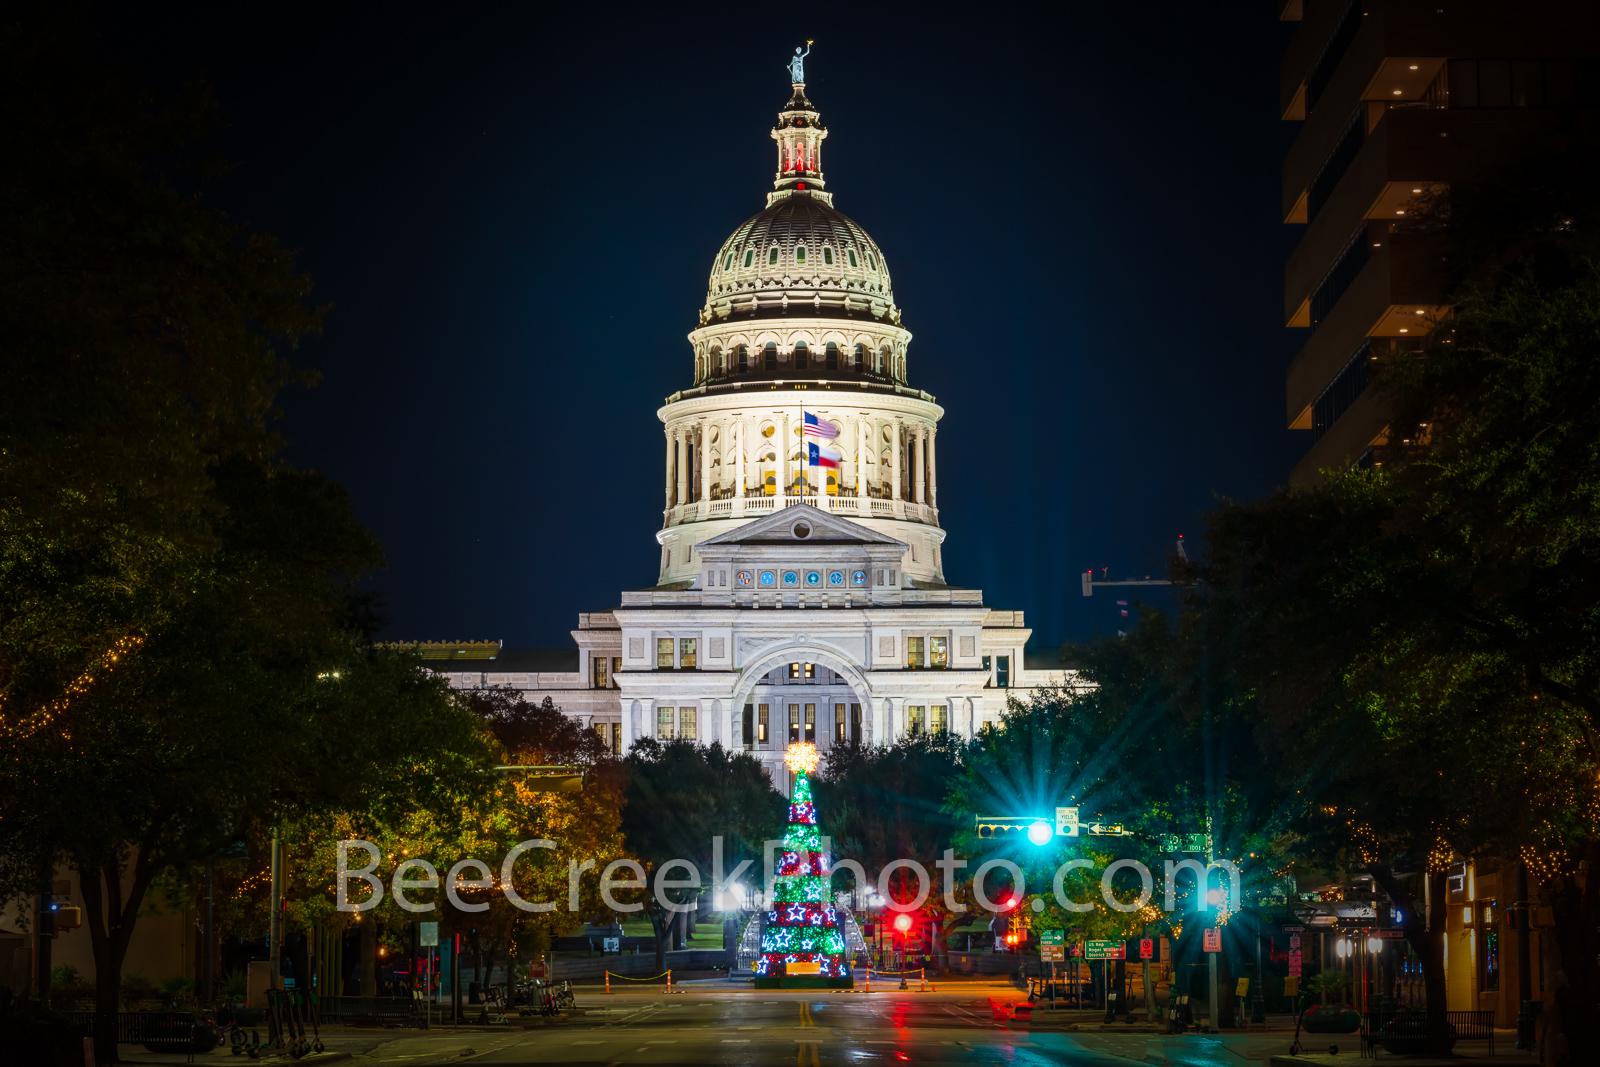 Austin Architecture Photo Color Print Texas State Capitol Building Texas Star Texas Architecture Photo Austin Capitol Photography Austin TX